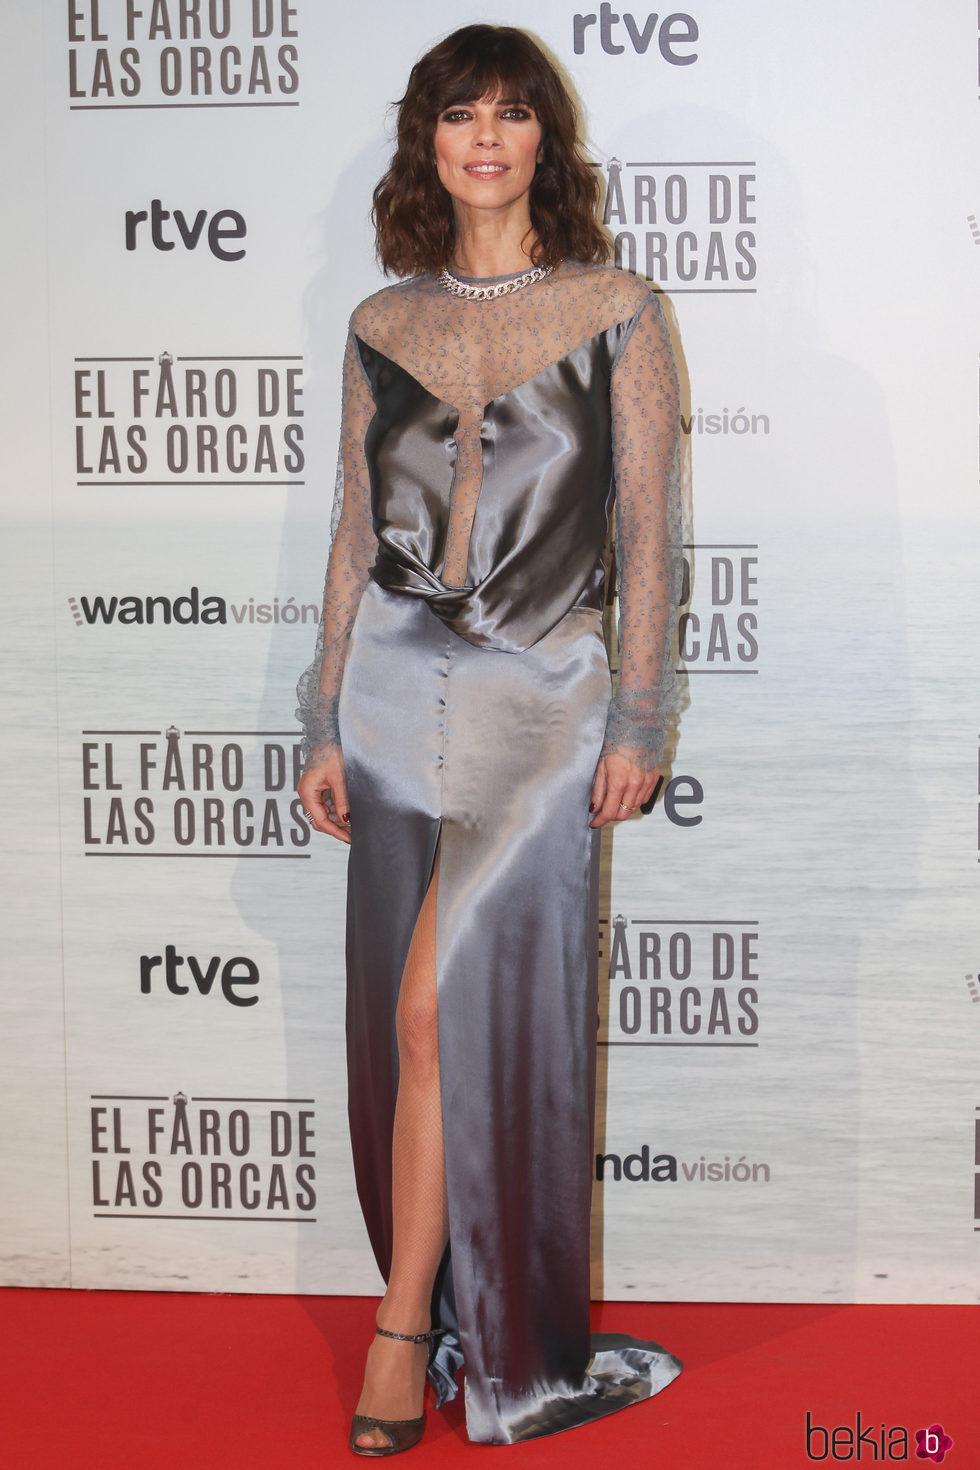 Maribel Verdú en la premiere de 'El faro de las orcas'